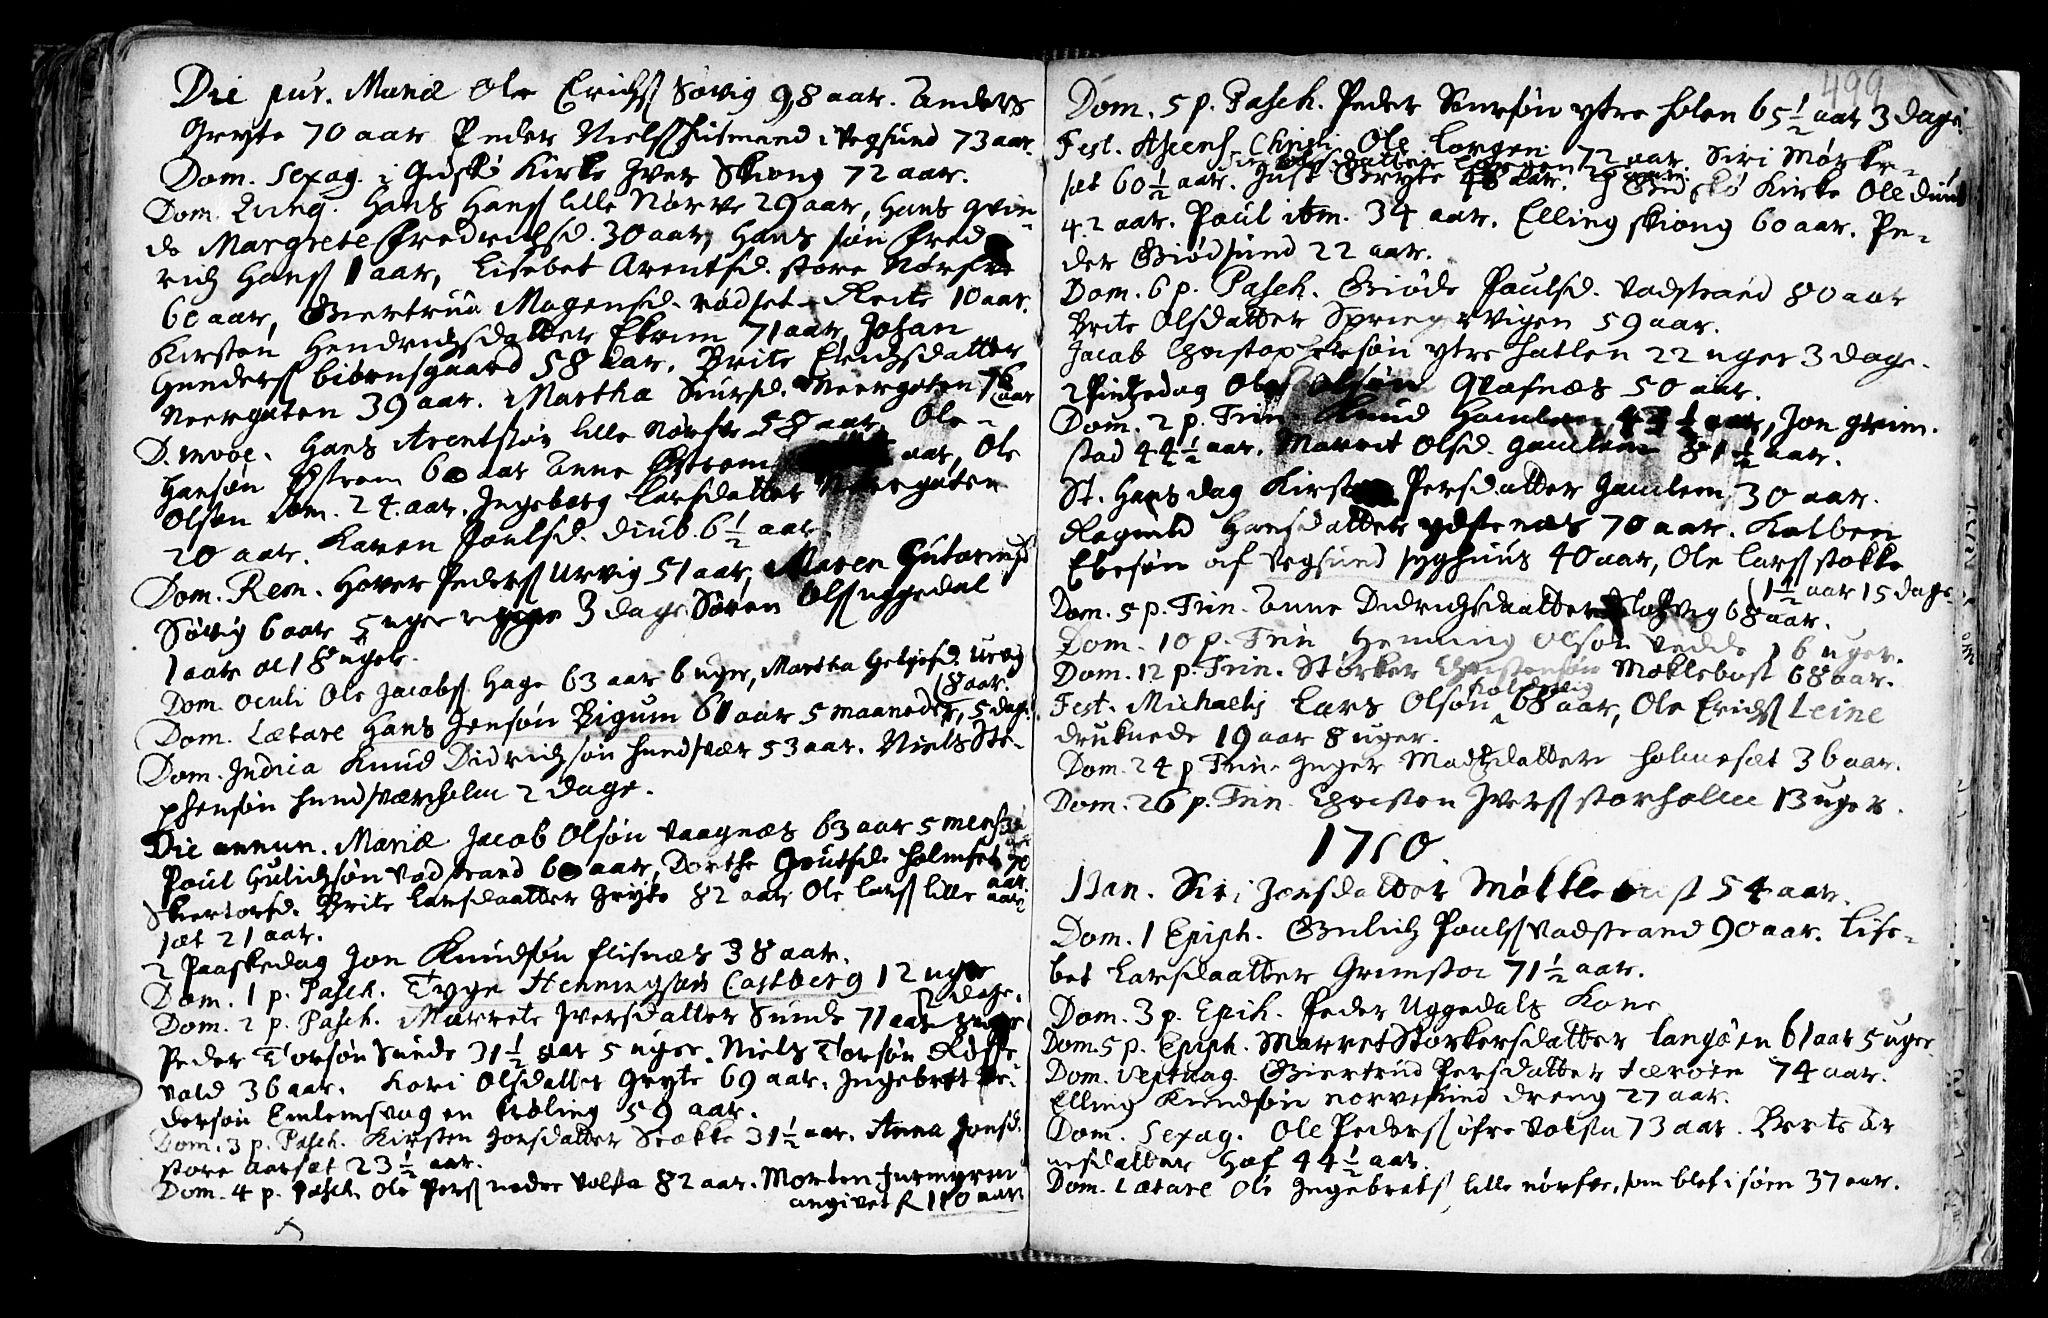 SAT, Ministerialprotokoller, klokkerbøker og fødselsregistre - Møre og Romsdal, 528/L0390: Ministerialbok nr. 528A01, 1698-1739, s. 498-499